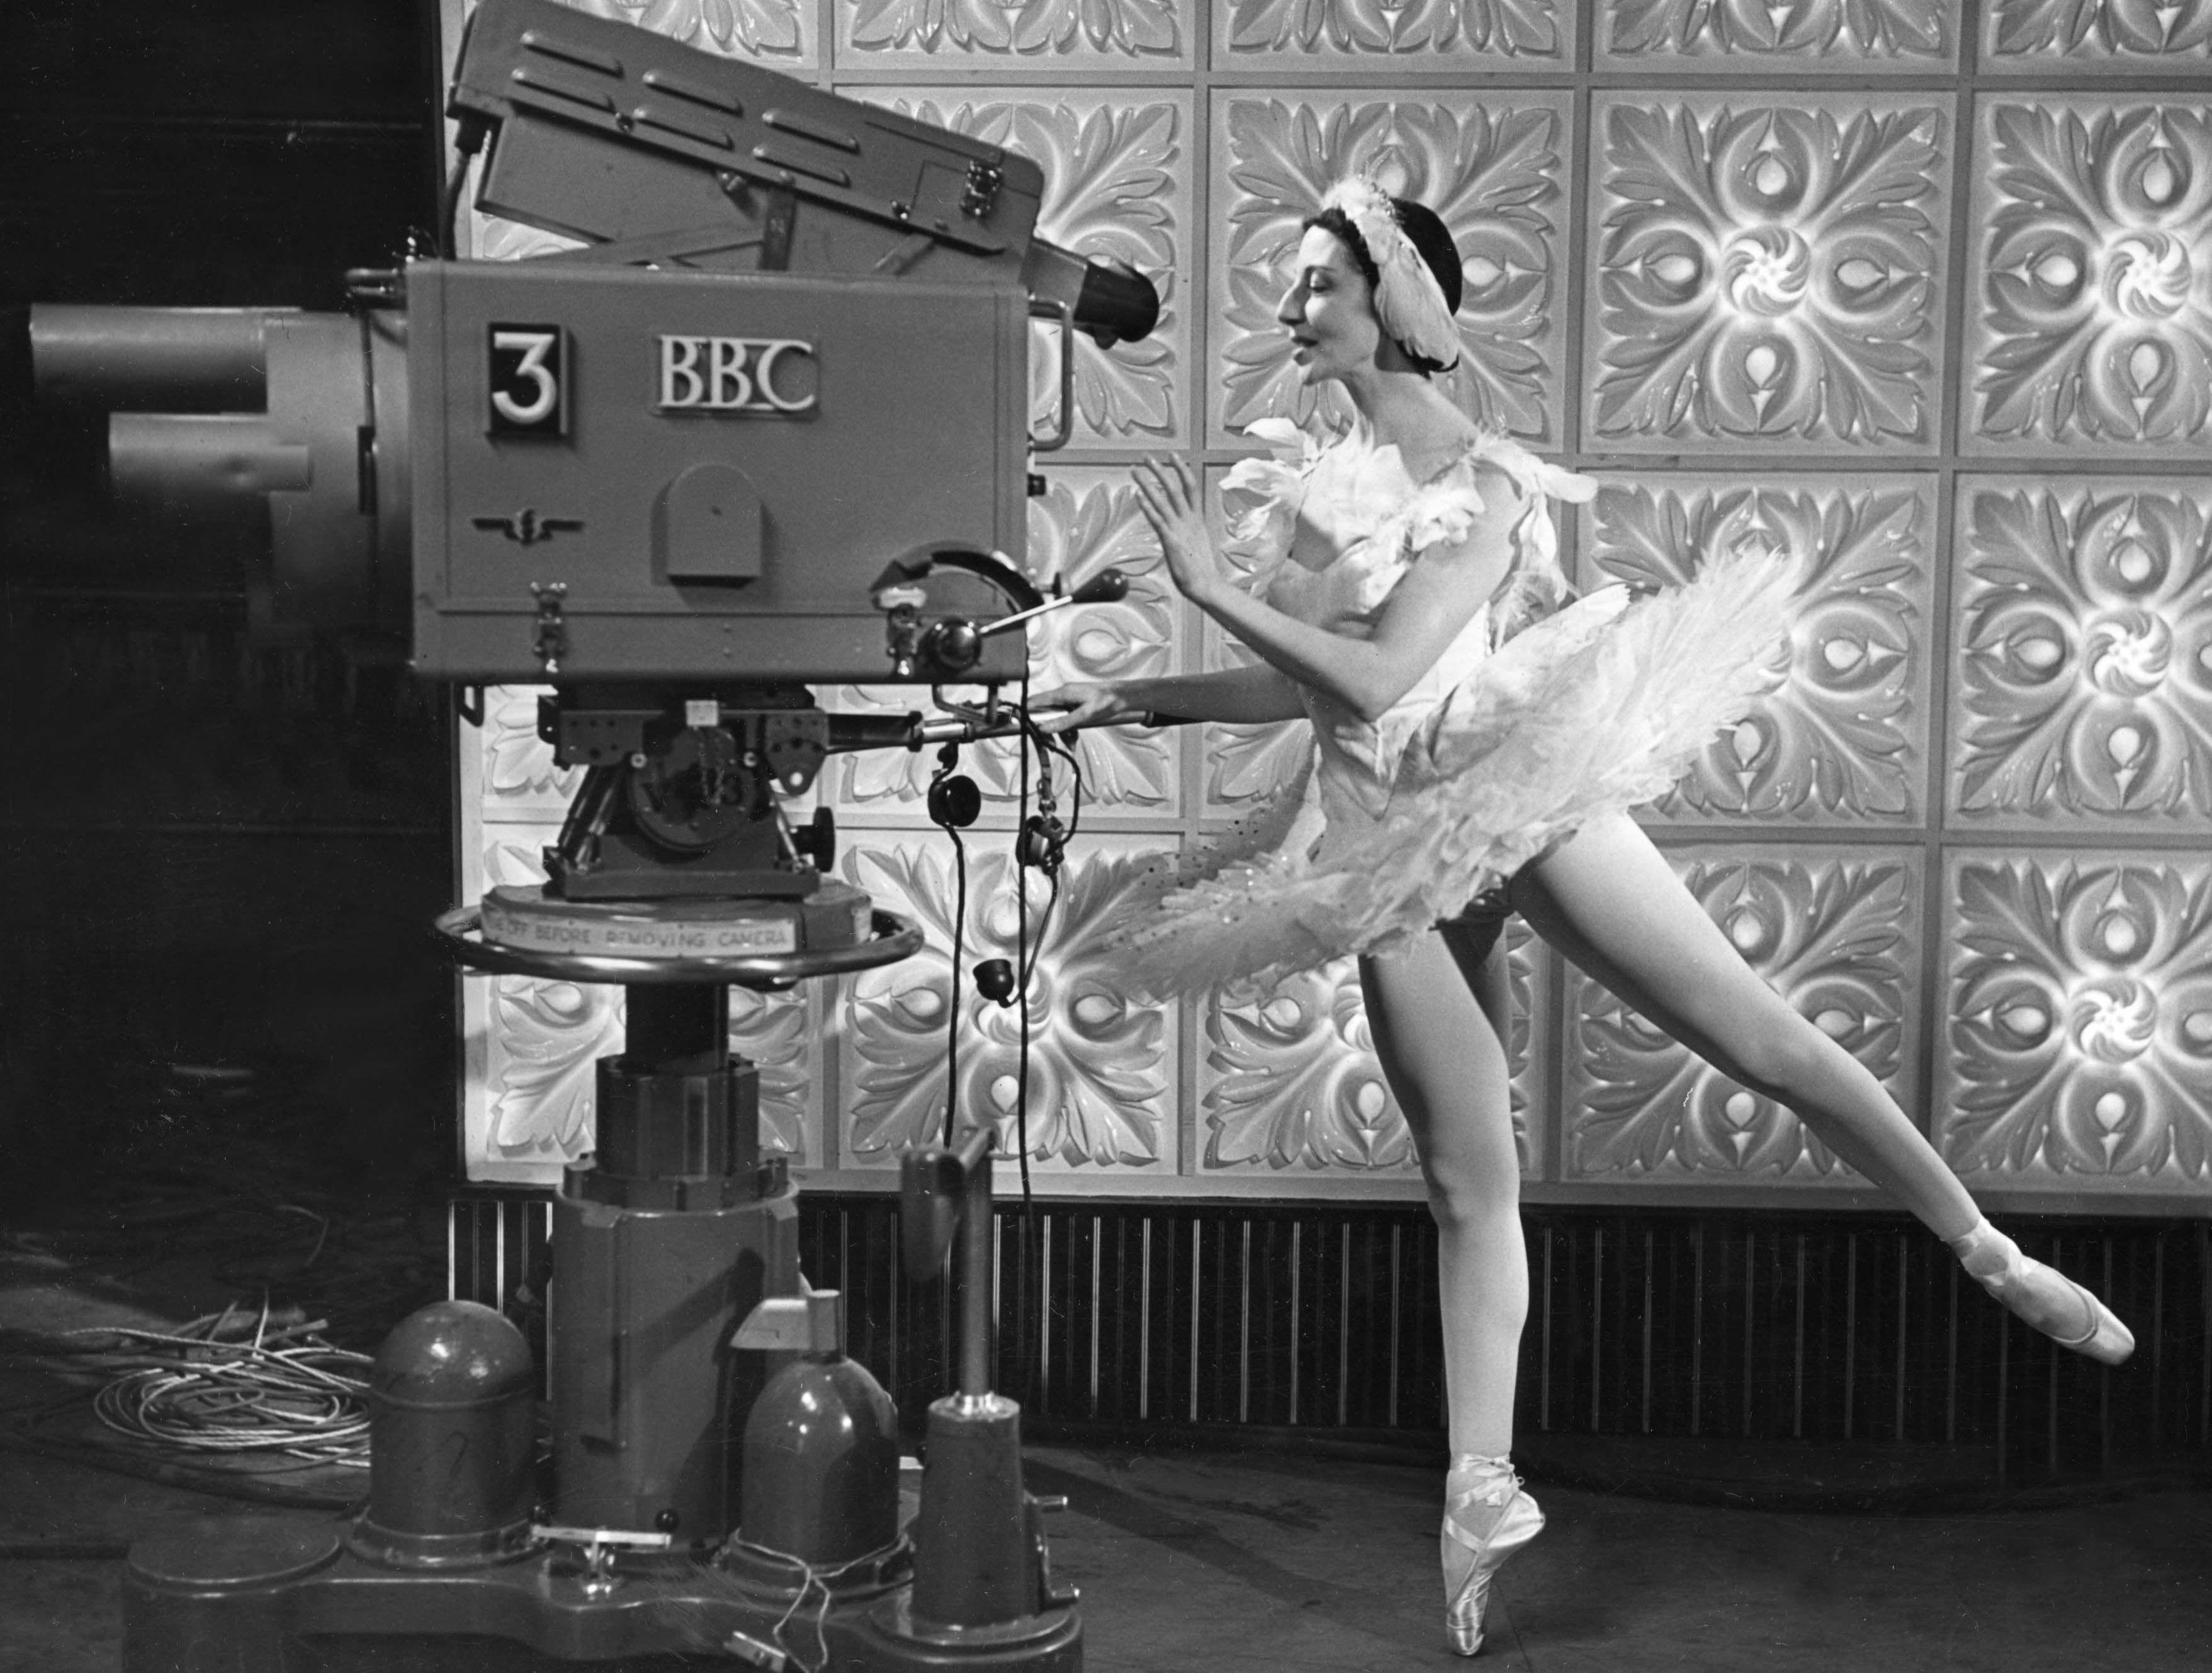 Prima ballerina assoluta Dame Alicia Markova in 1957